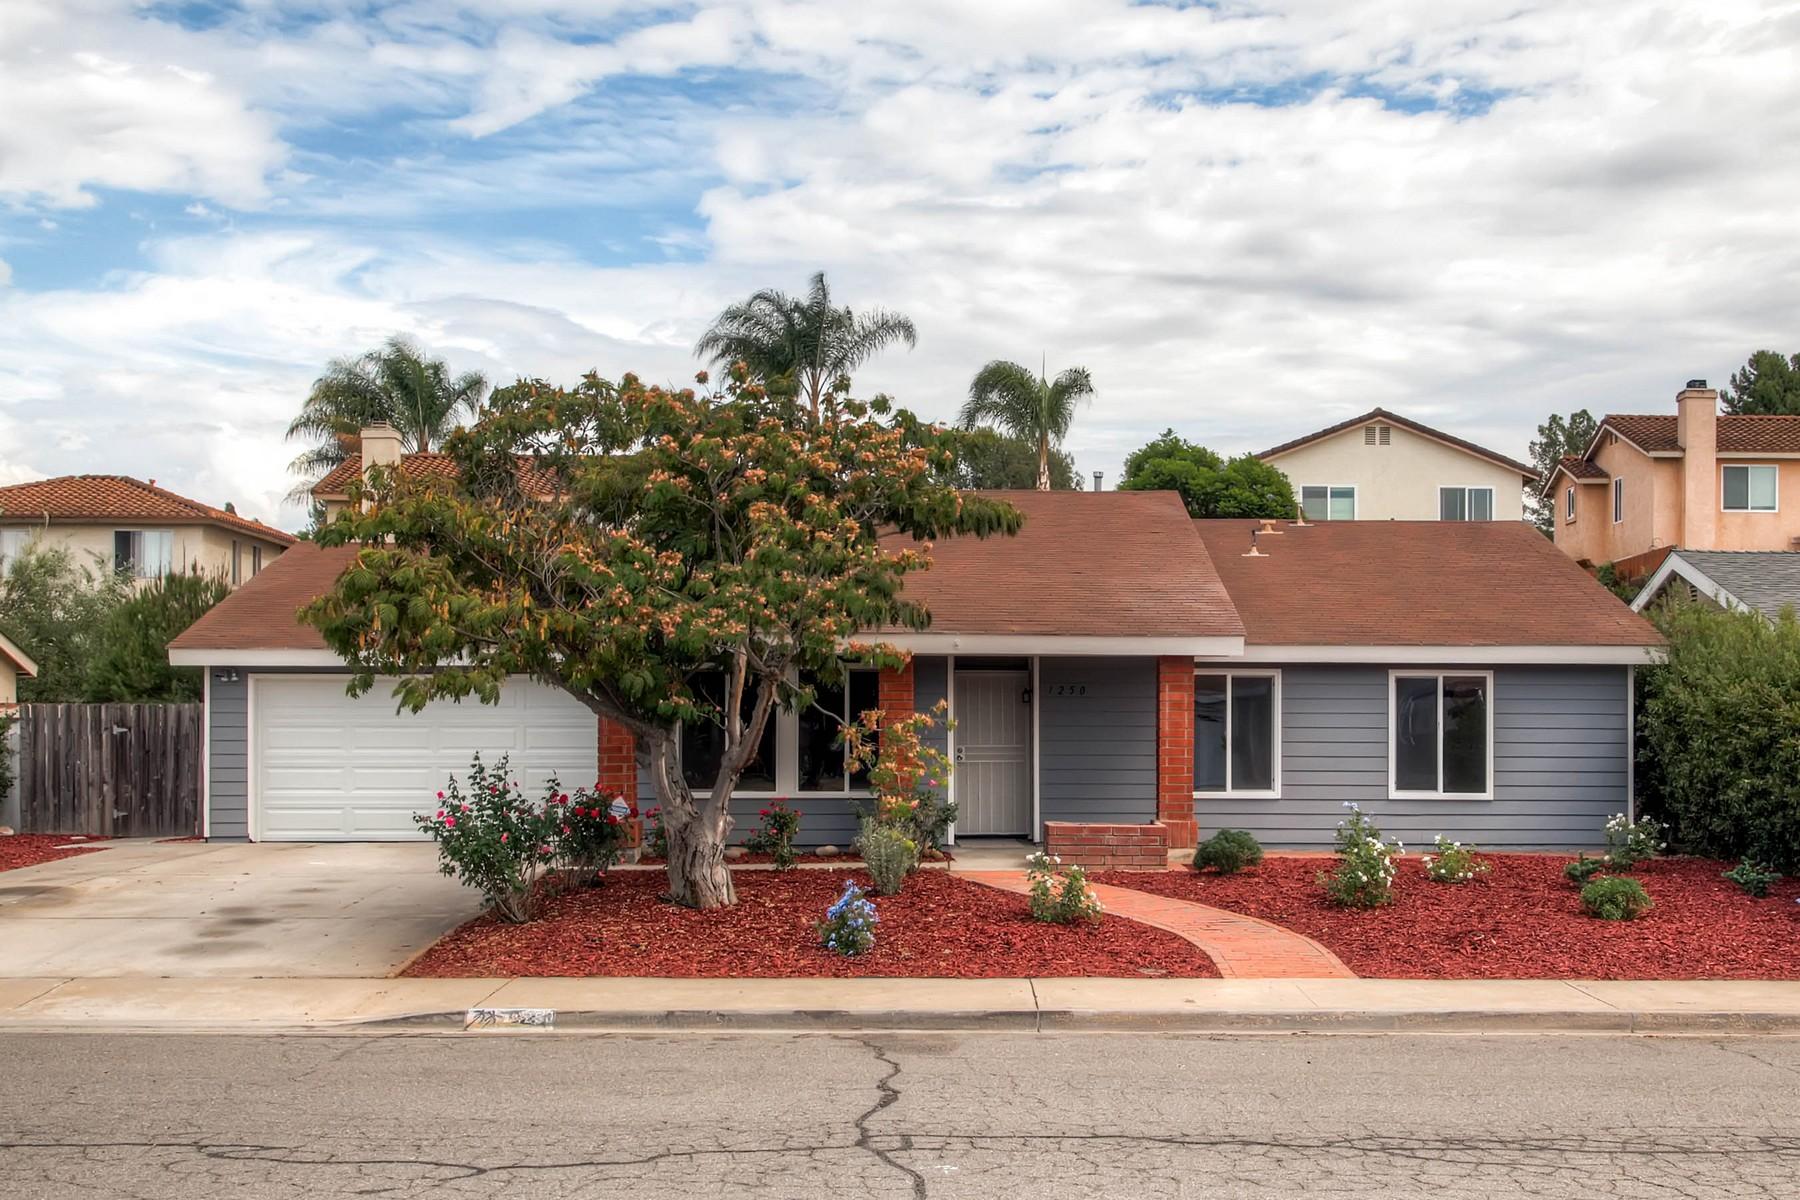 獨棟家庭住宅 為 出售 在 1250 Sybil Court Escondido, 加利福尼亞州 92026 美國